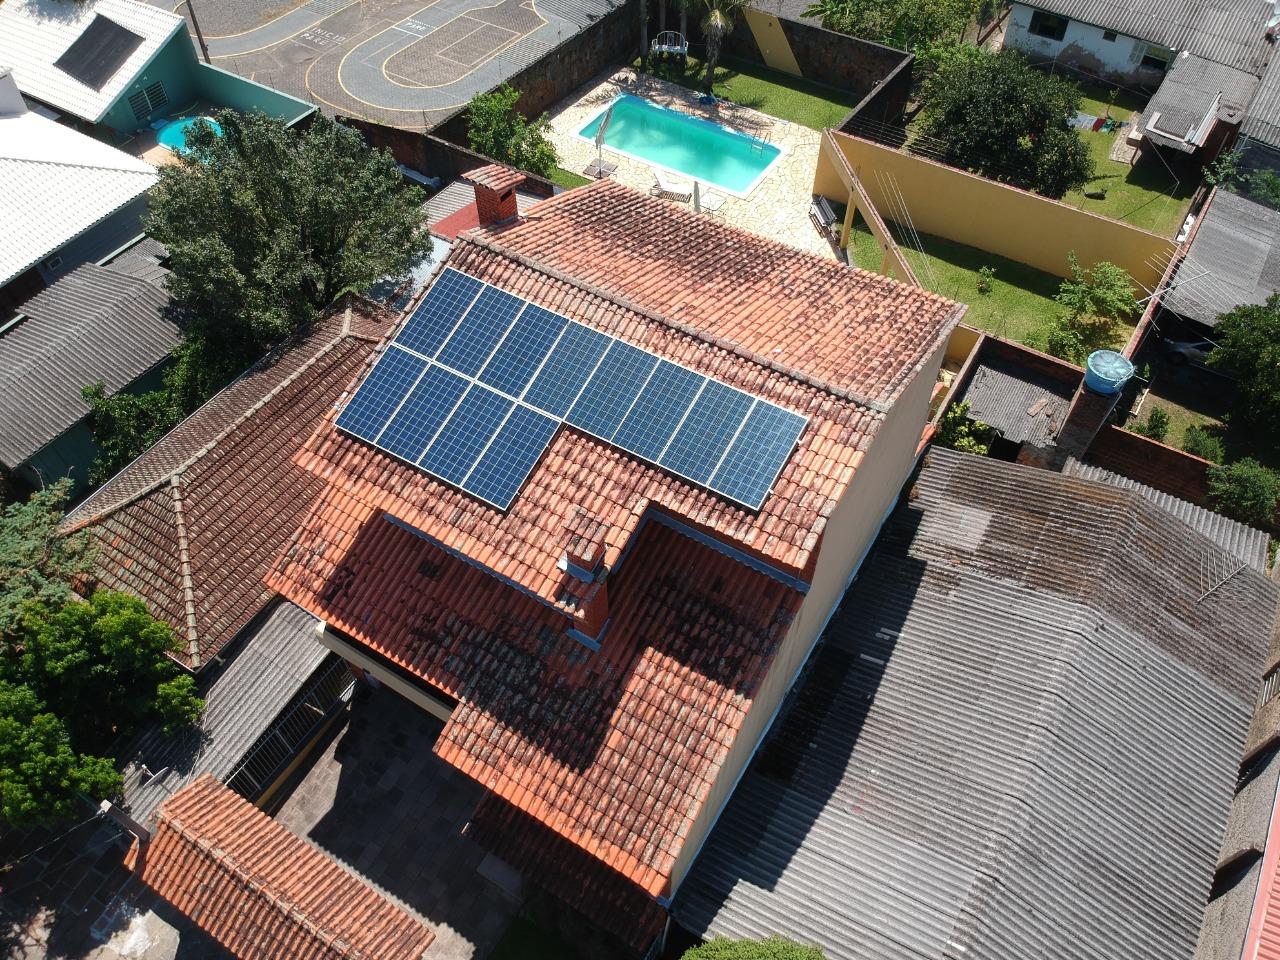 Instalação de energia solar na Região Metropolitana de Porto Alegre